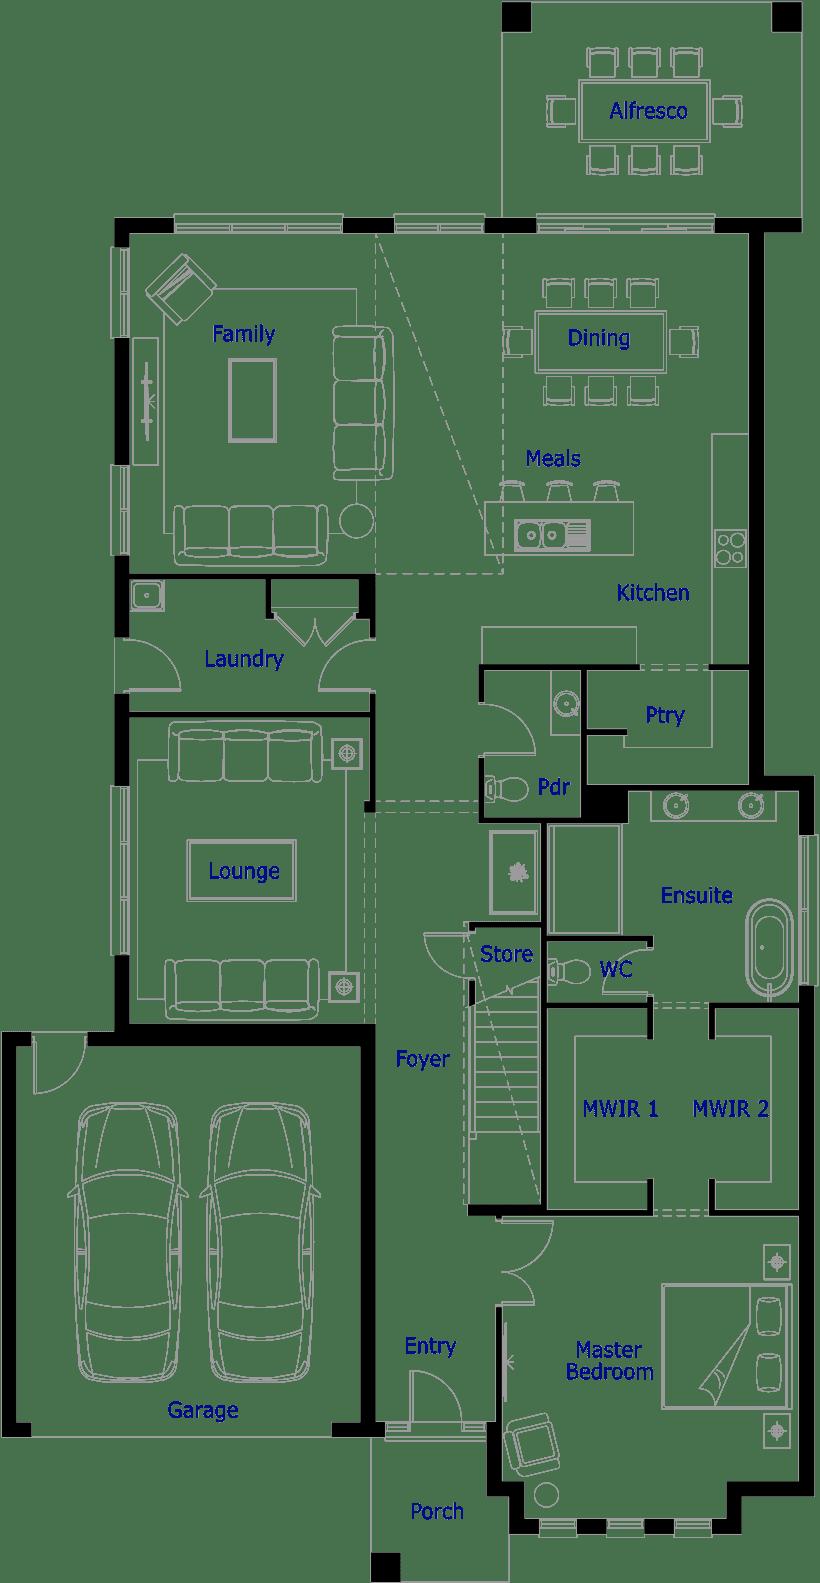 FloorPlan1_HOUSE687_Sandford_47-01